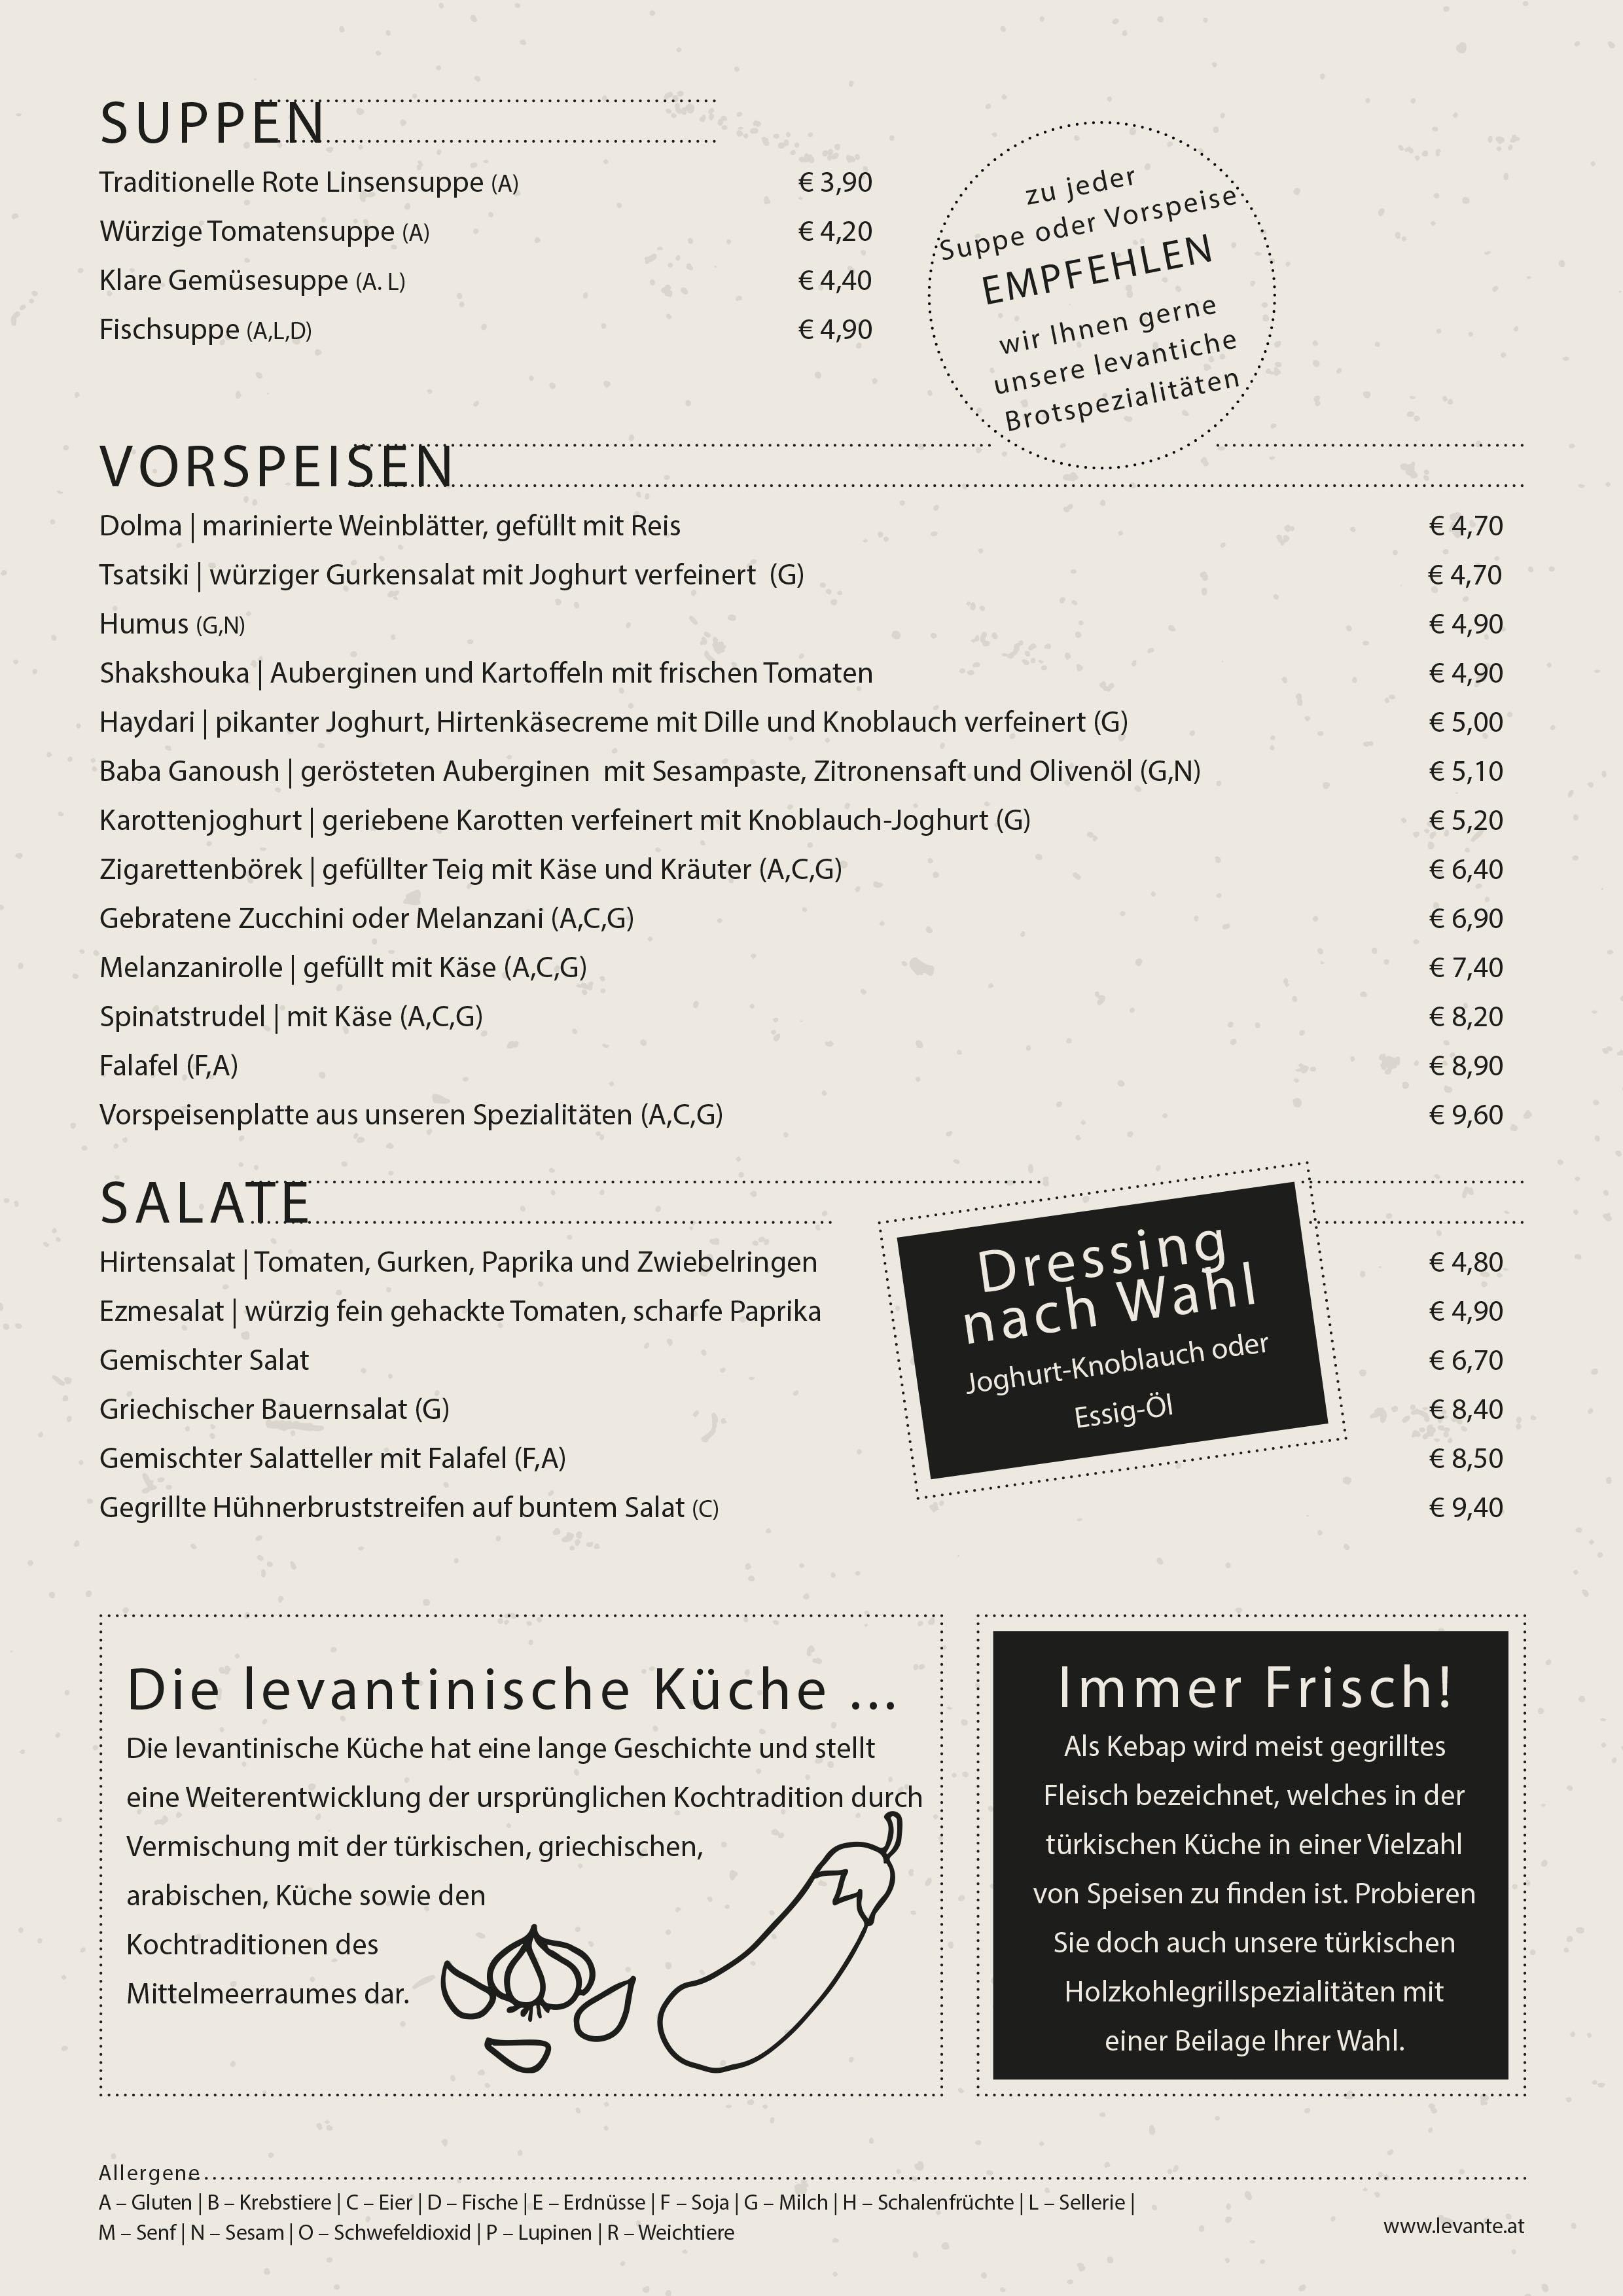 Ausgezeichnet Verkostung Küche Menü Bilder - Küche Set Ideen ...